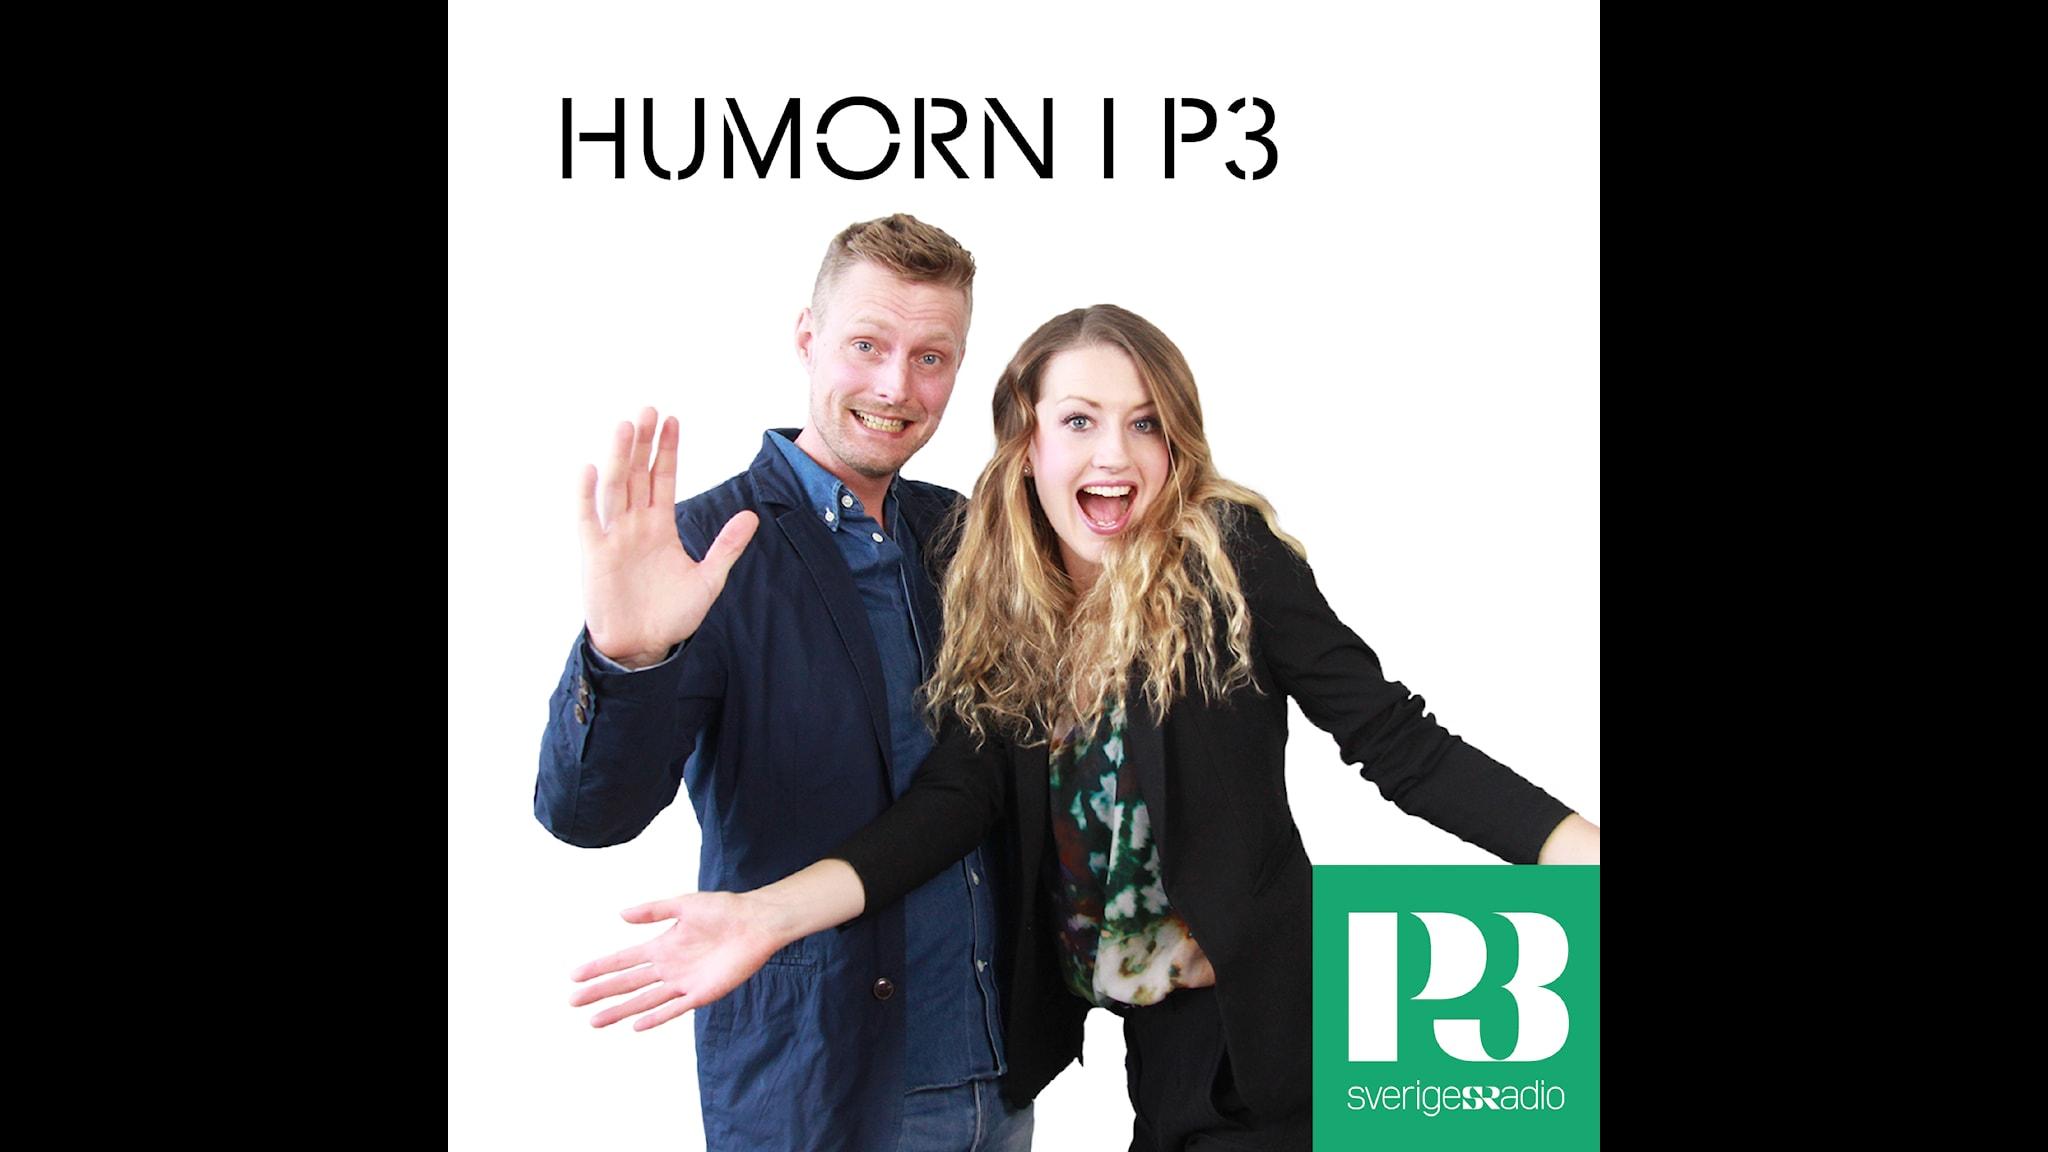 Humorn i P3: Trevlig helg del 5